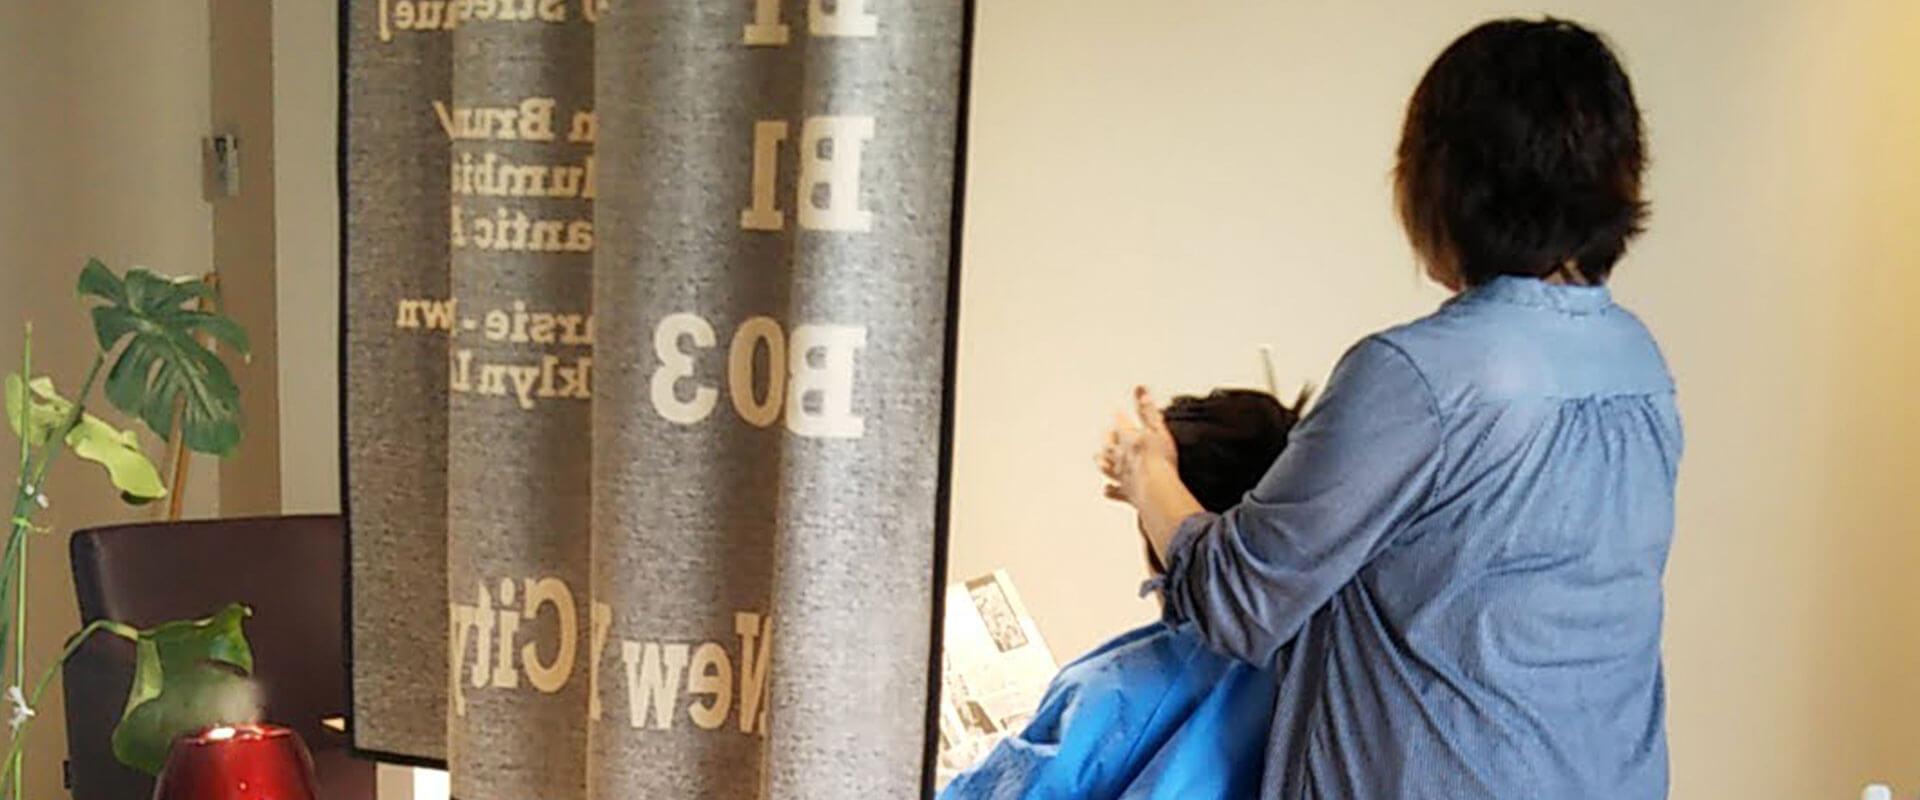 鶴間の美容院ハルワ 既存客様向け特典 イメージ